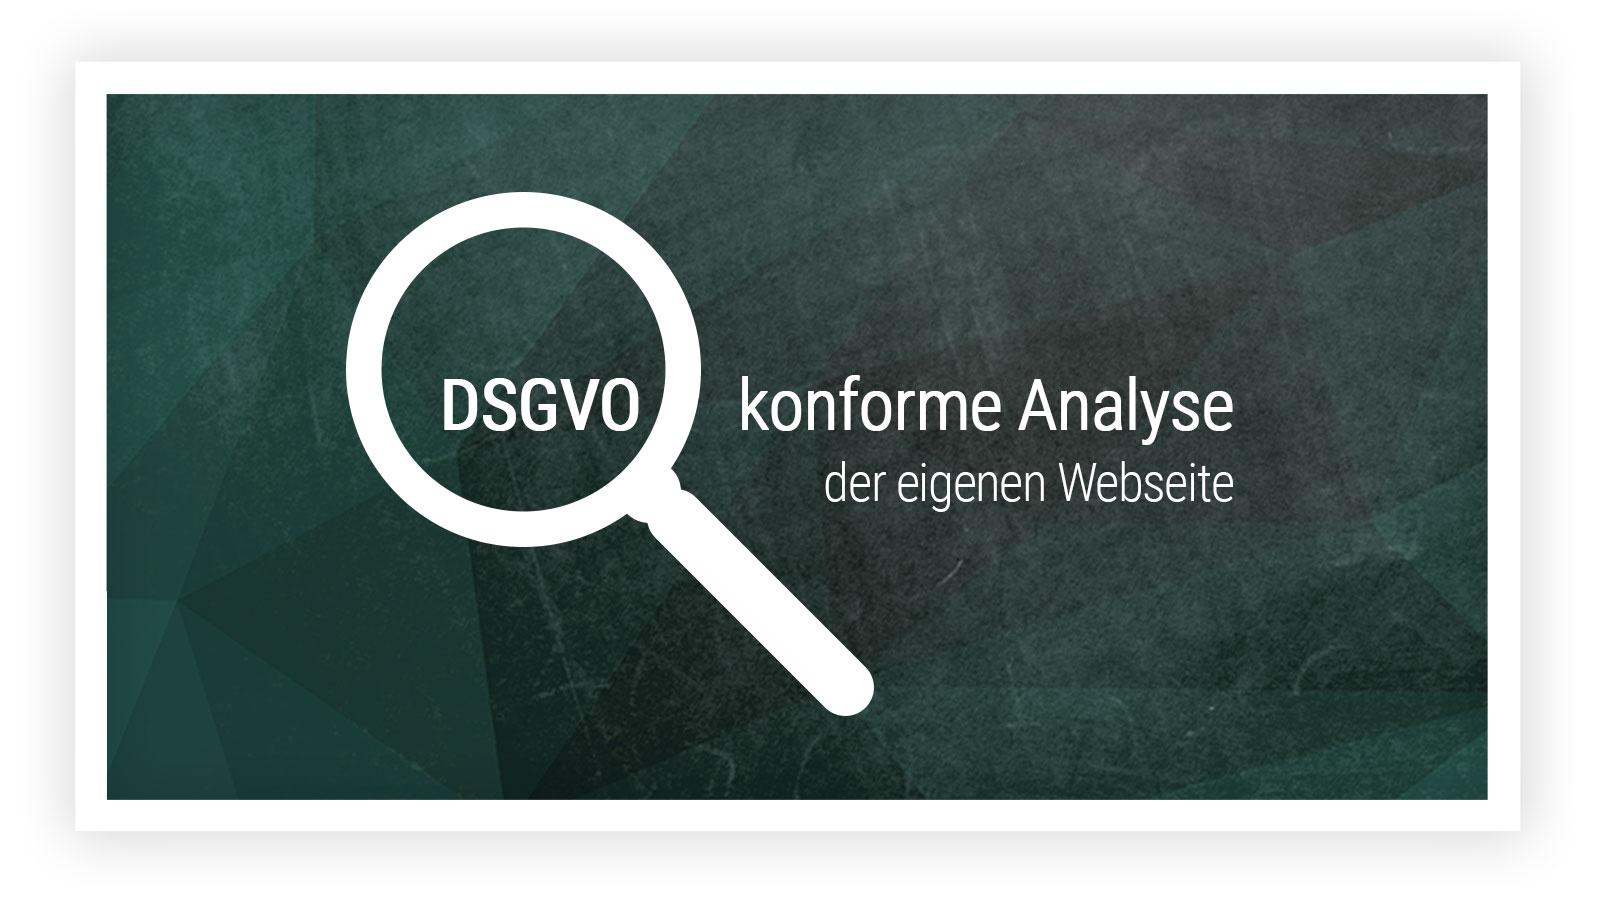 DSGVO konforme Analysen